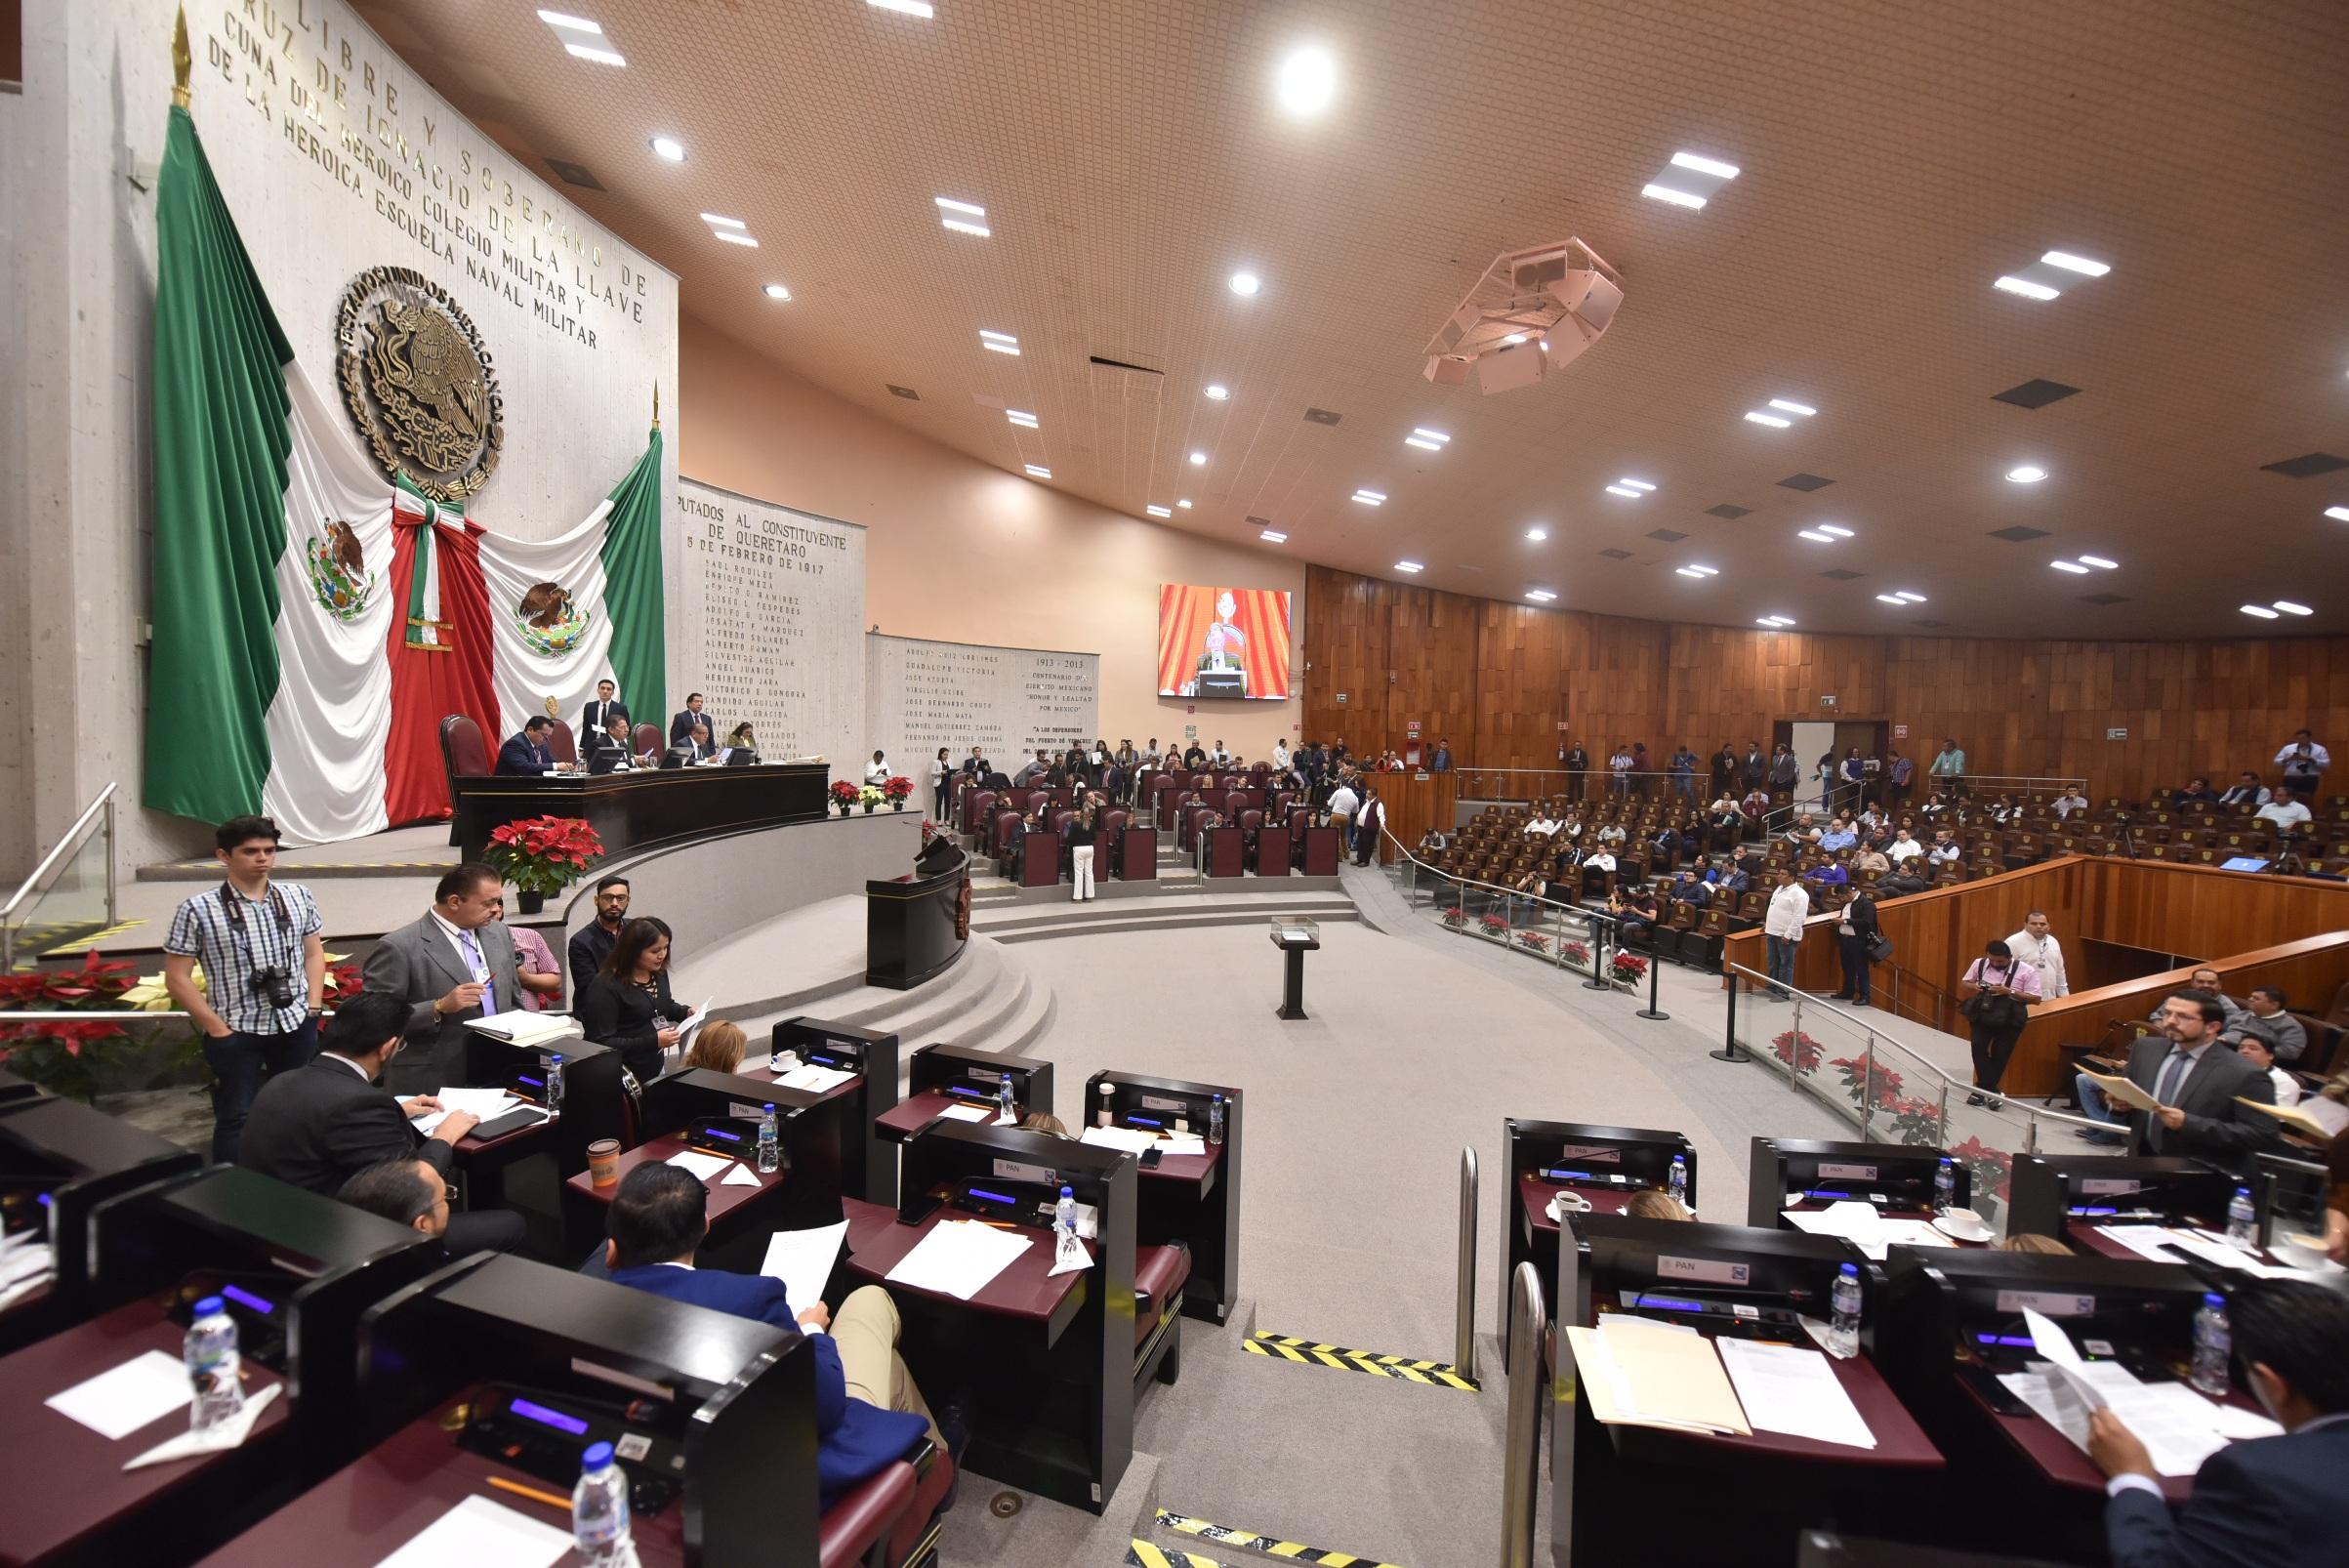 Congreso notifica a Fiscal sobre solicitudes de juicio político en su contra